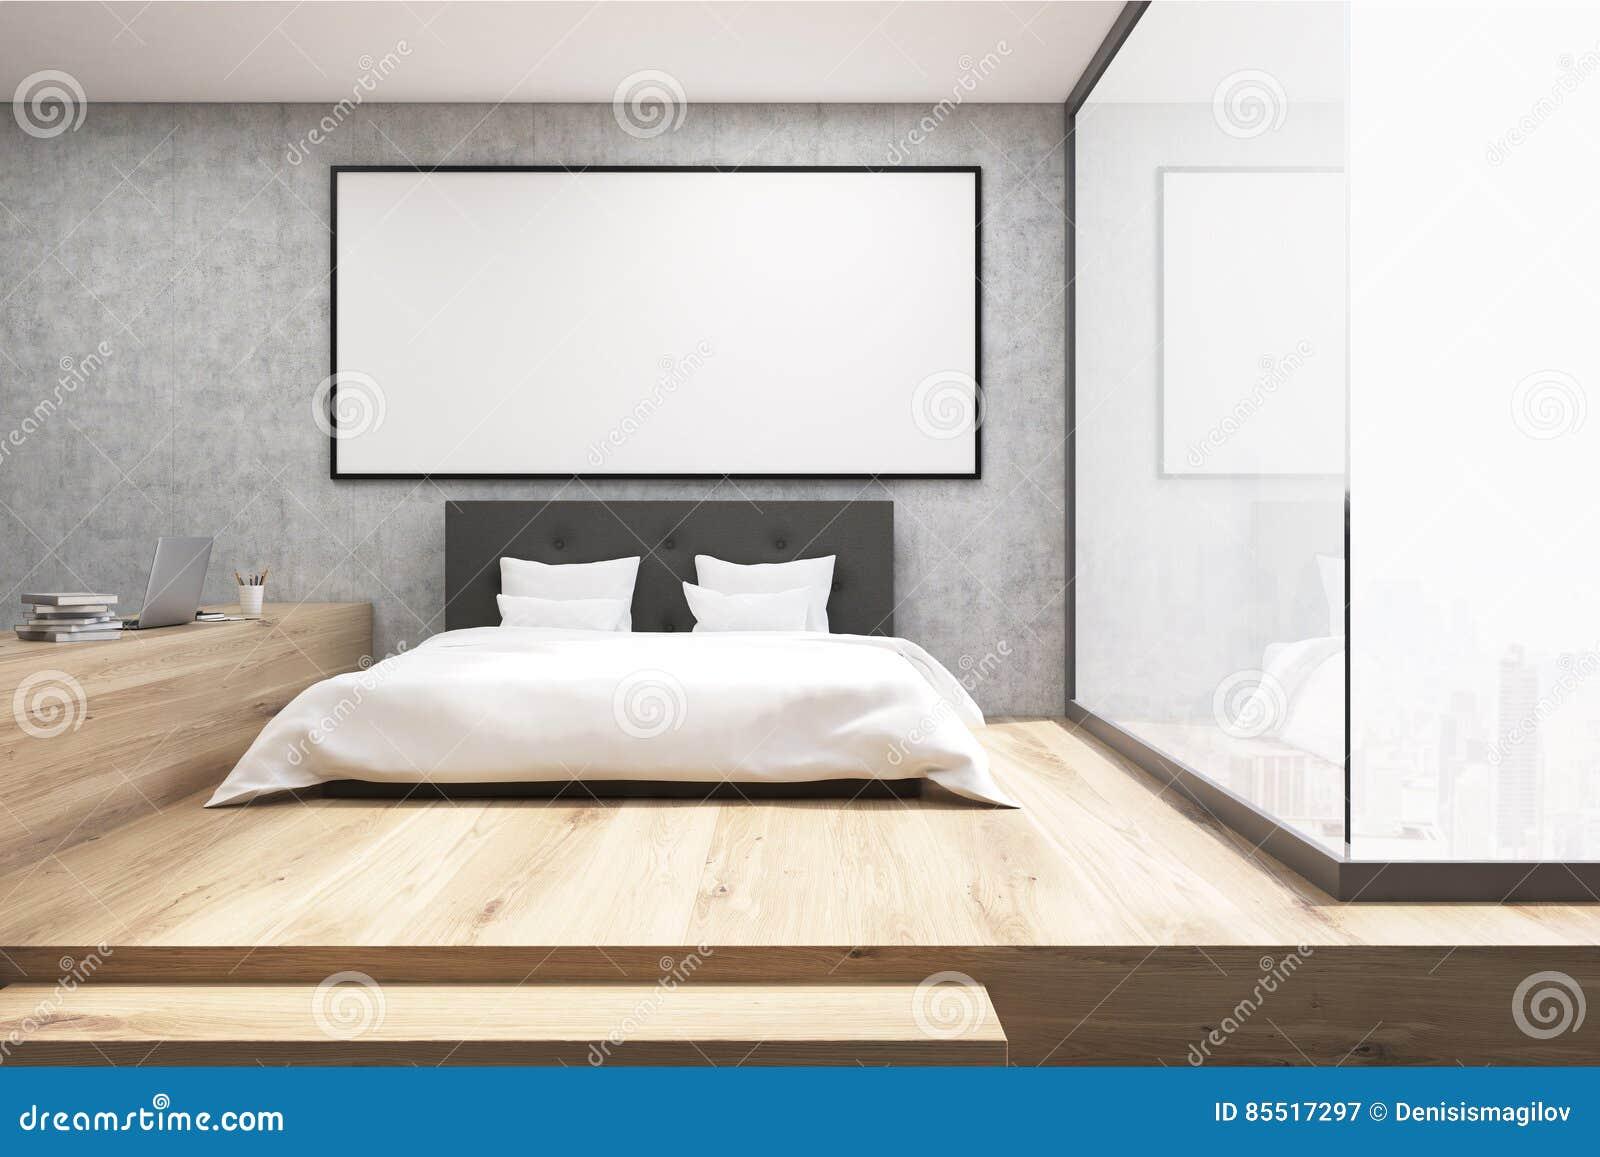 Houten Vloer Slaapkamer : Huisbureau met een houten vloer in een slaapkamer stock afbeelding